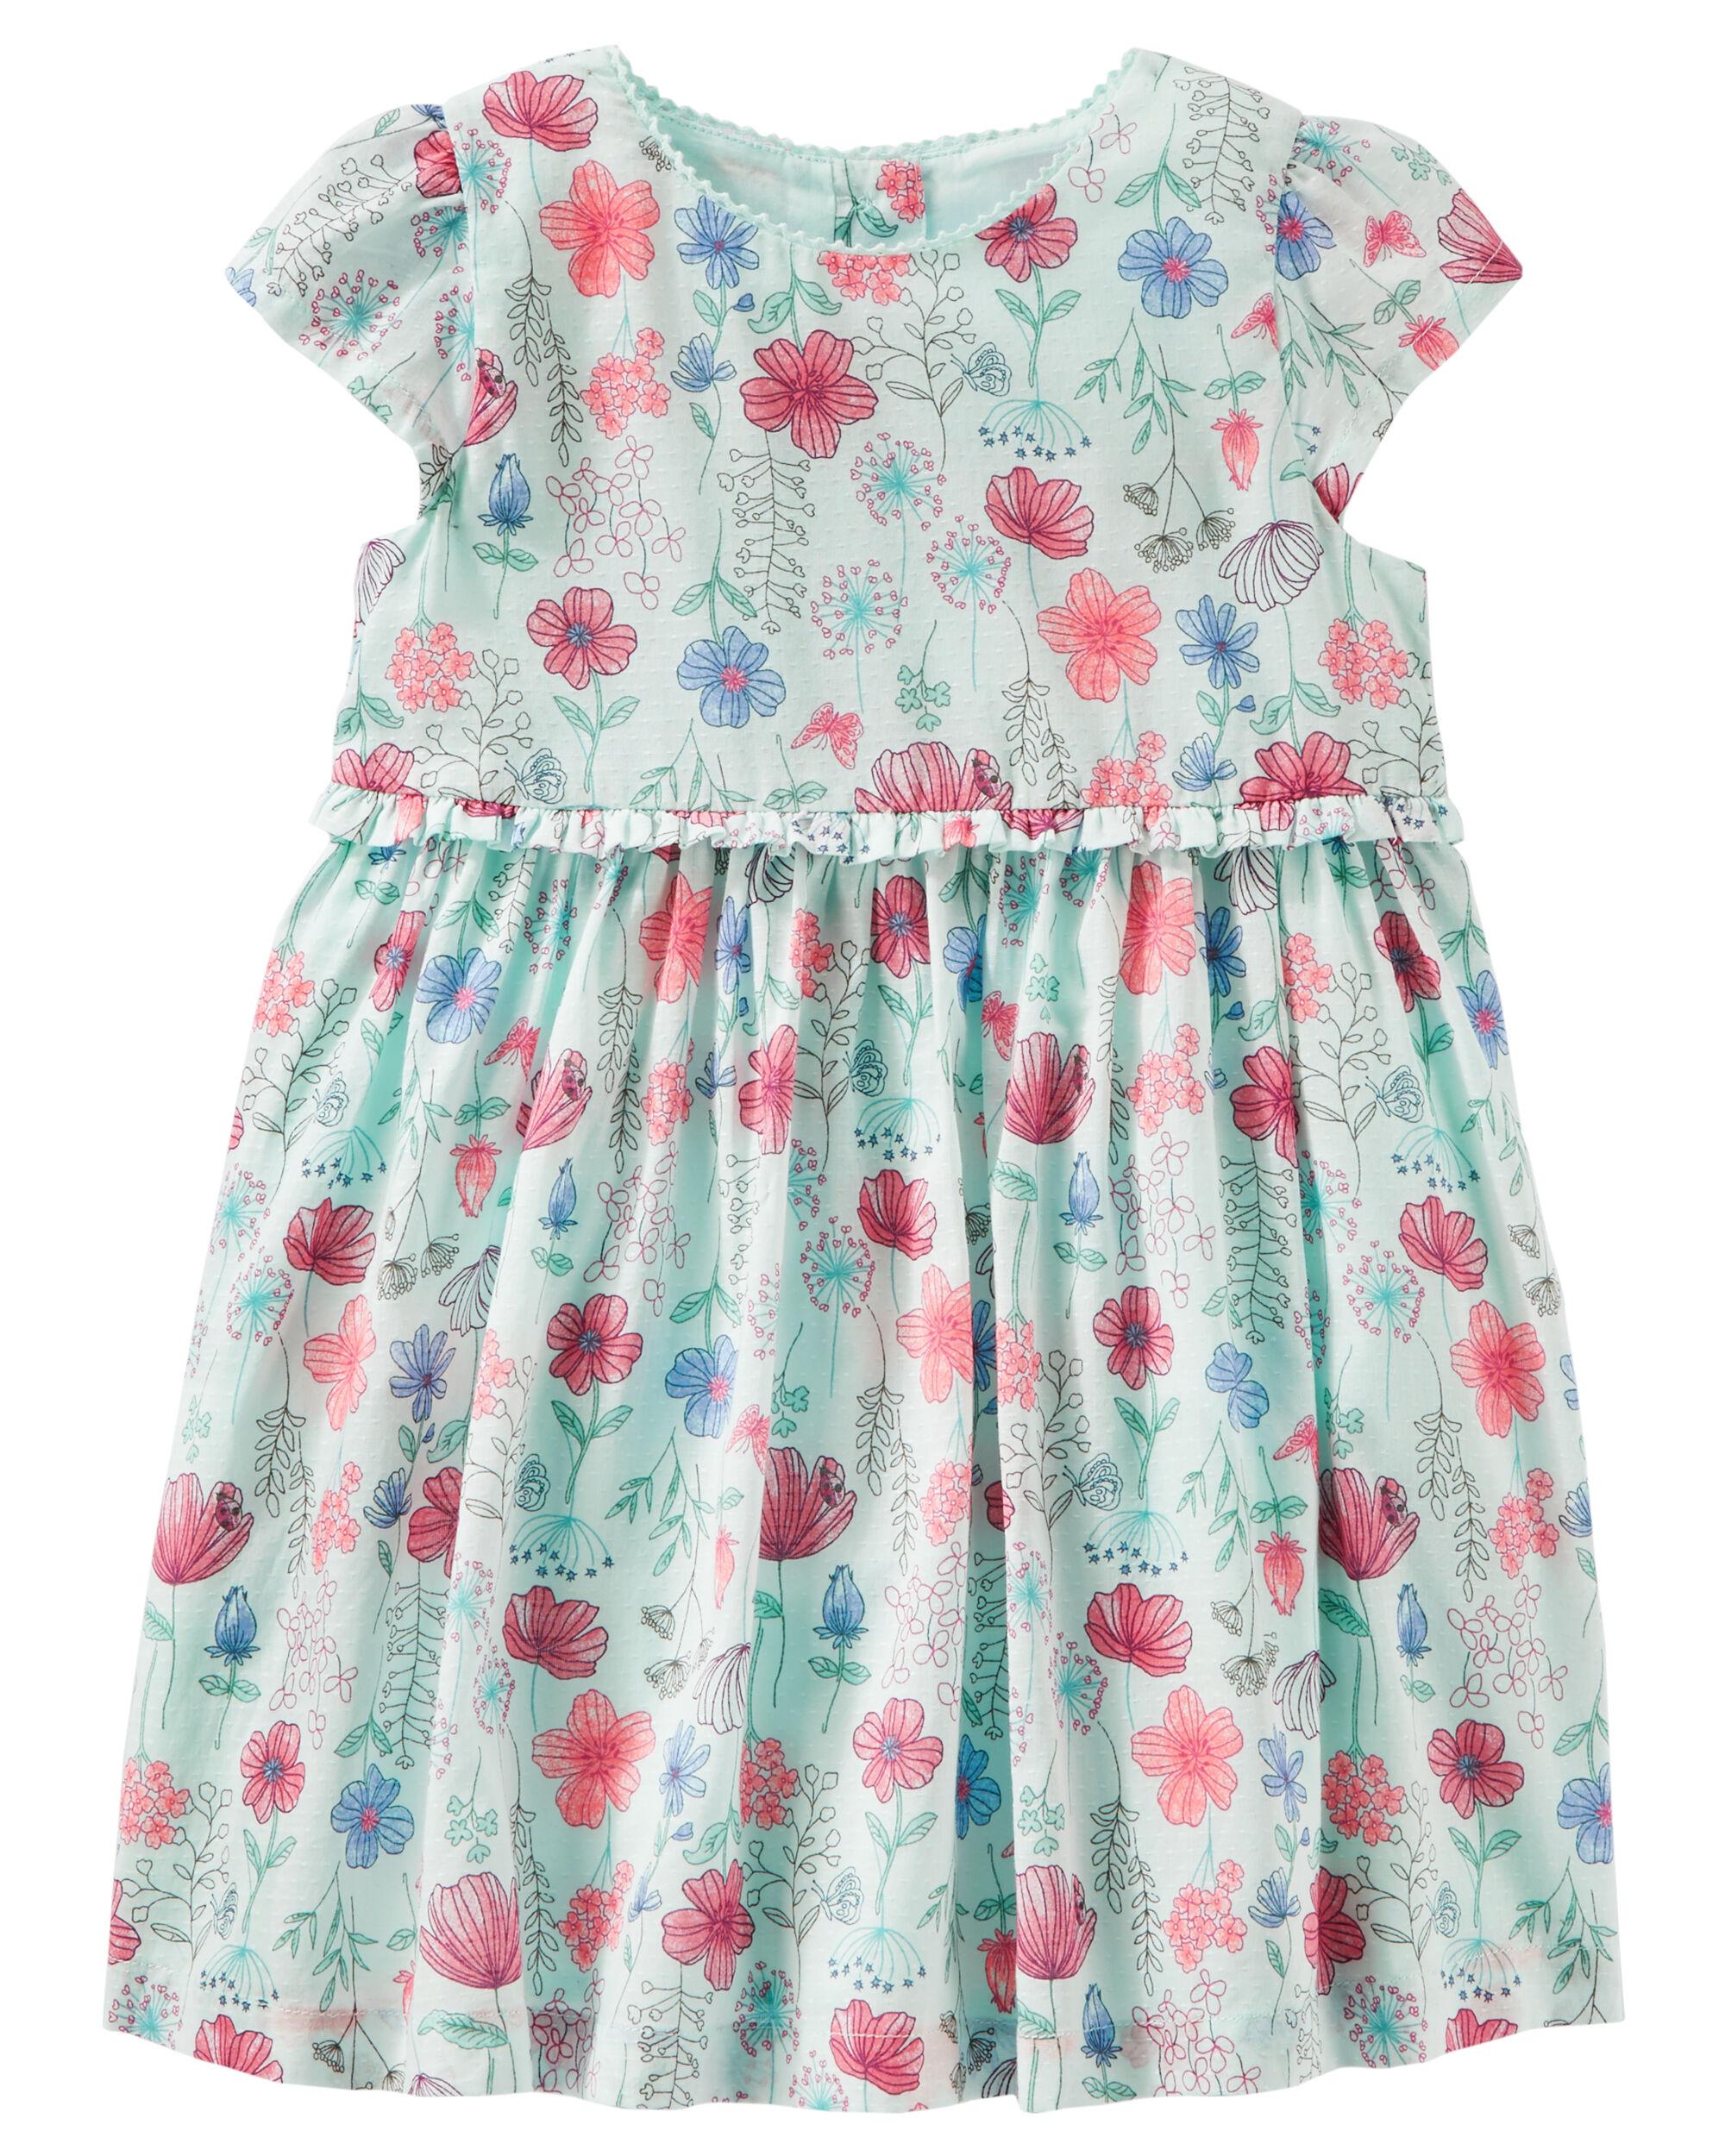 037f834b9 Floral Print Dress